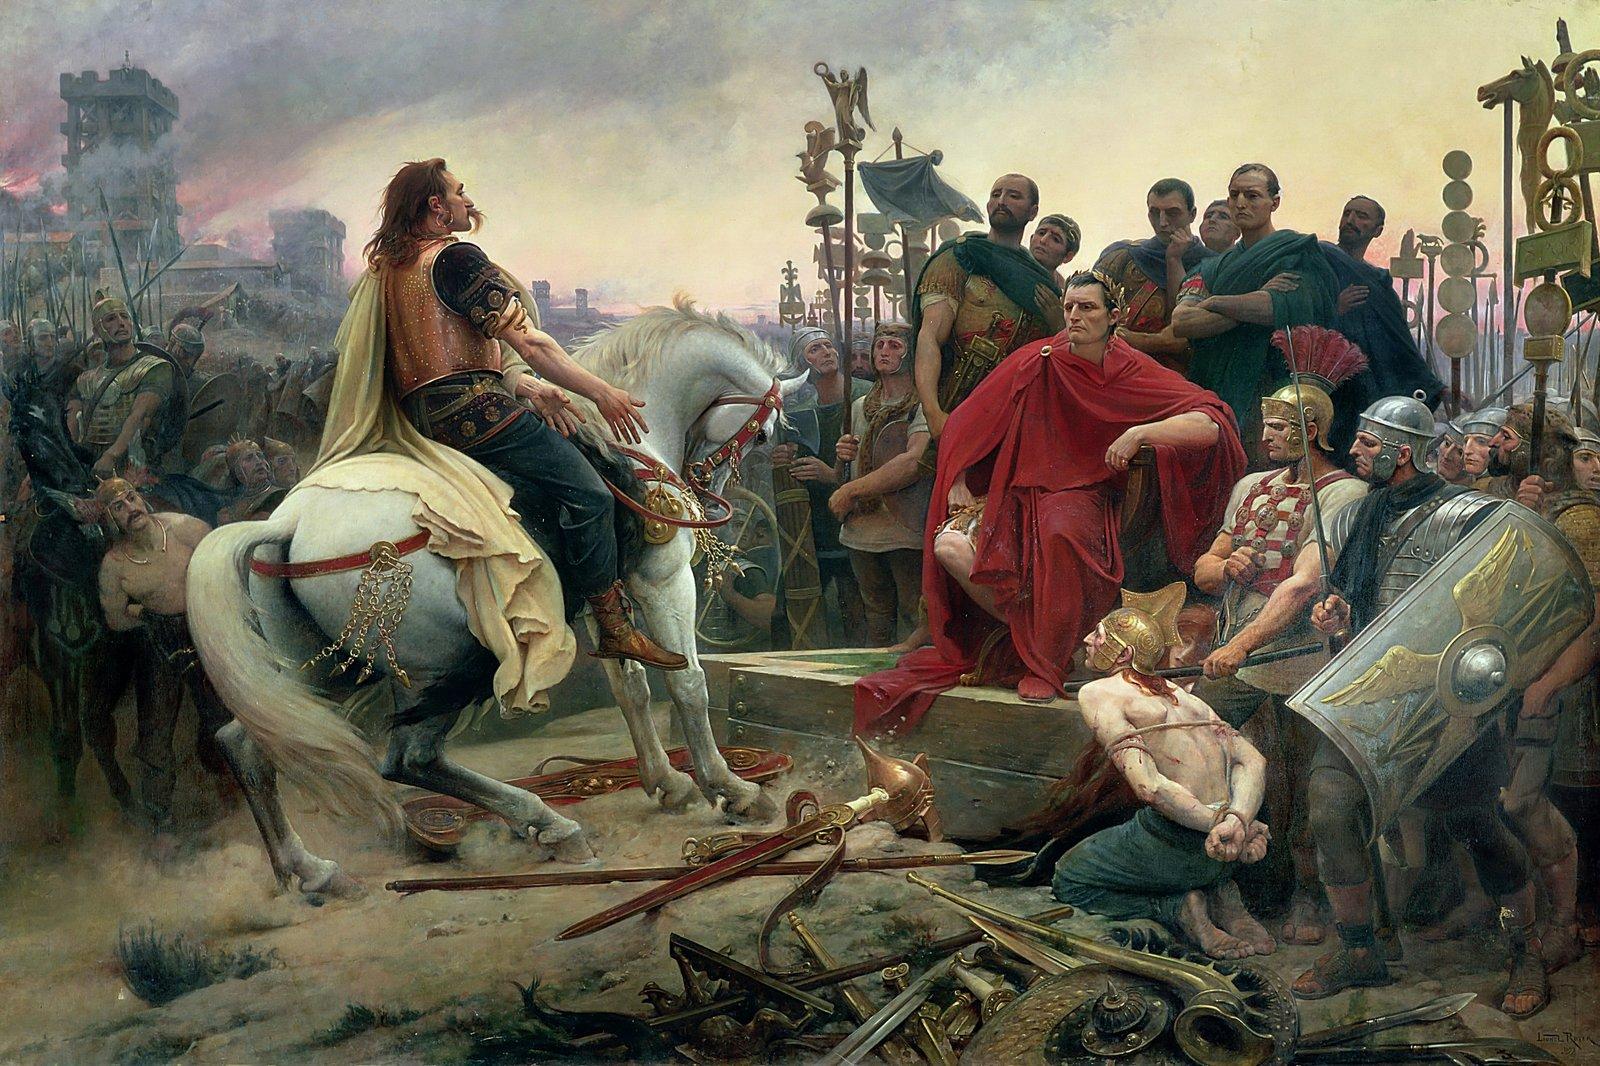 Obraz przedstawiający poddanie się Wercyngetoryksa Cezarowi. Na fotelu, otoczony grupą mężczyzn siedzi ubrany wczerwoną szatę mężczyzna. Po jego lewej stronie na ziemi klęczy związany człowiek, aprzy nim stoją żołnierze zwłóczniami. Przed siedzącym mężczyzną na koniu siedzi wąsaty mężczyzna ubrany wmiedzianą zbroję, którzy rzuca na ziemię, ustóp siedzącego, swoją broń - miecz iwłócznię. Wtle, na tyczkach, stoją proporce isymbole rzymskich legionów